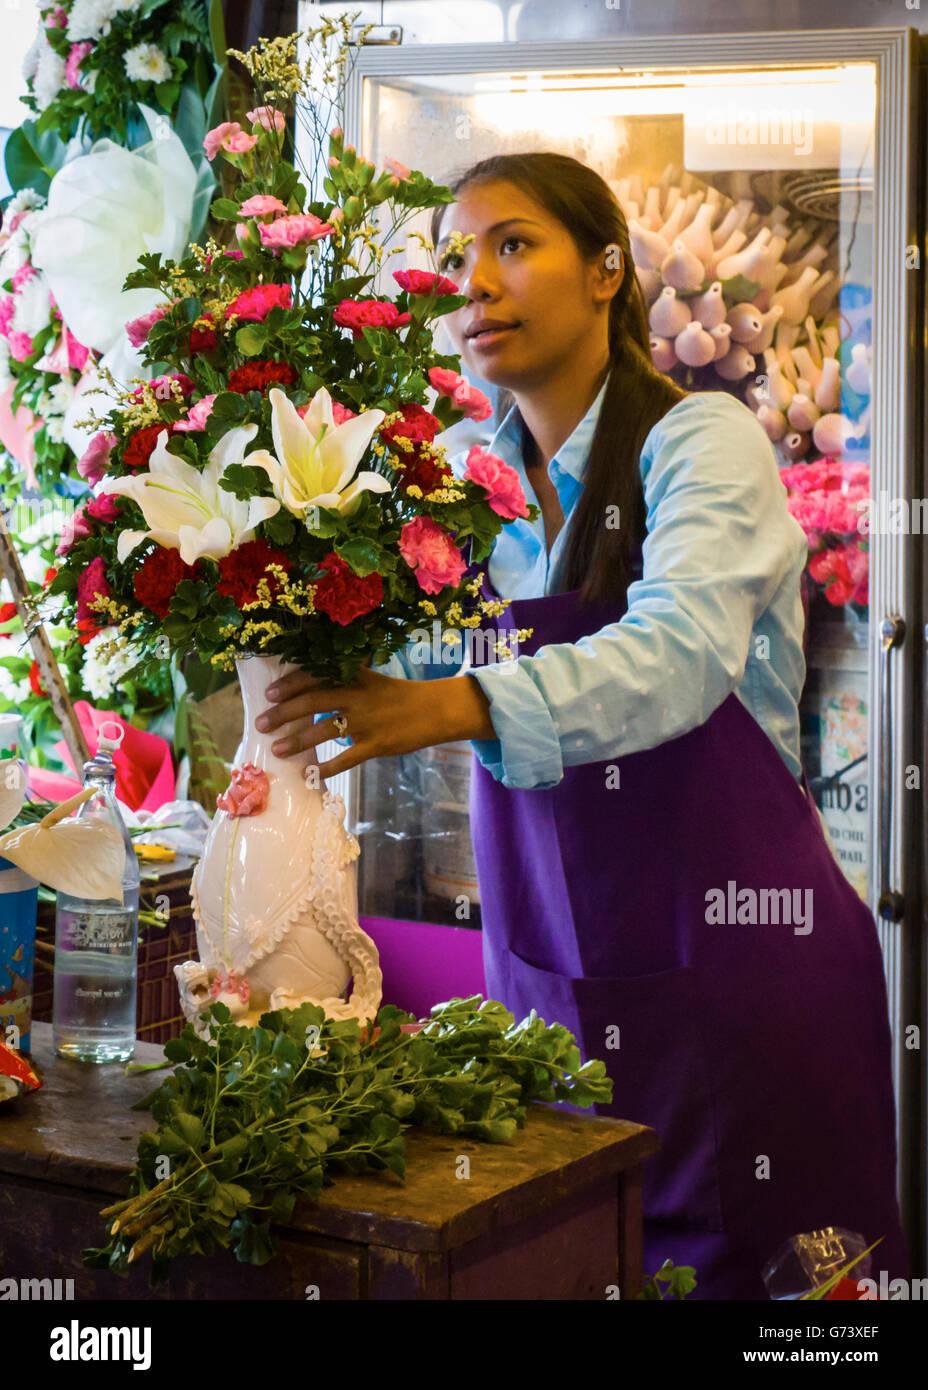 Market florist arranging a bouquet, Thailand. - Stock Image